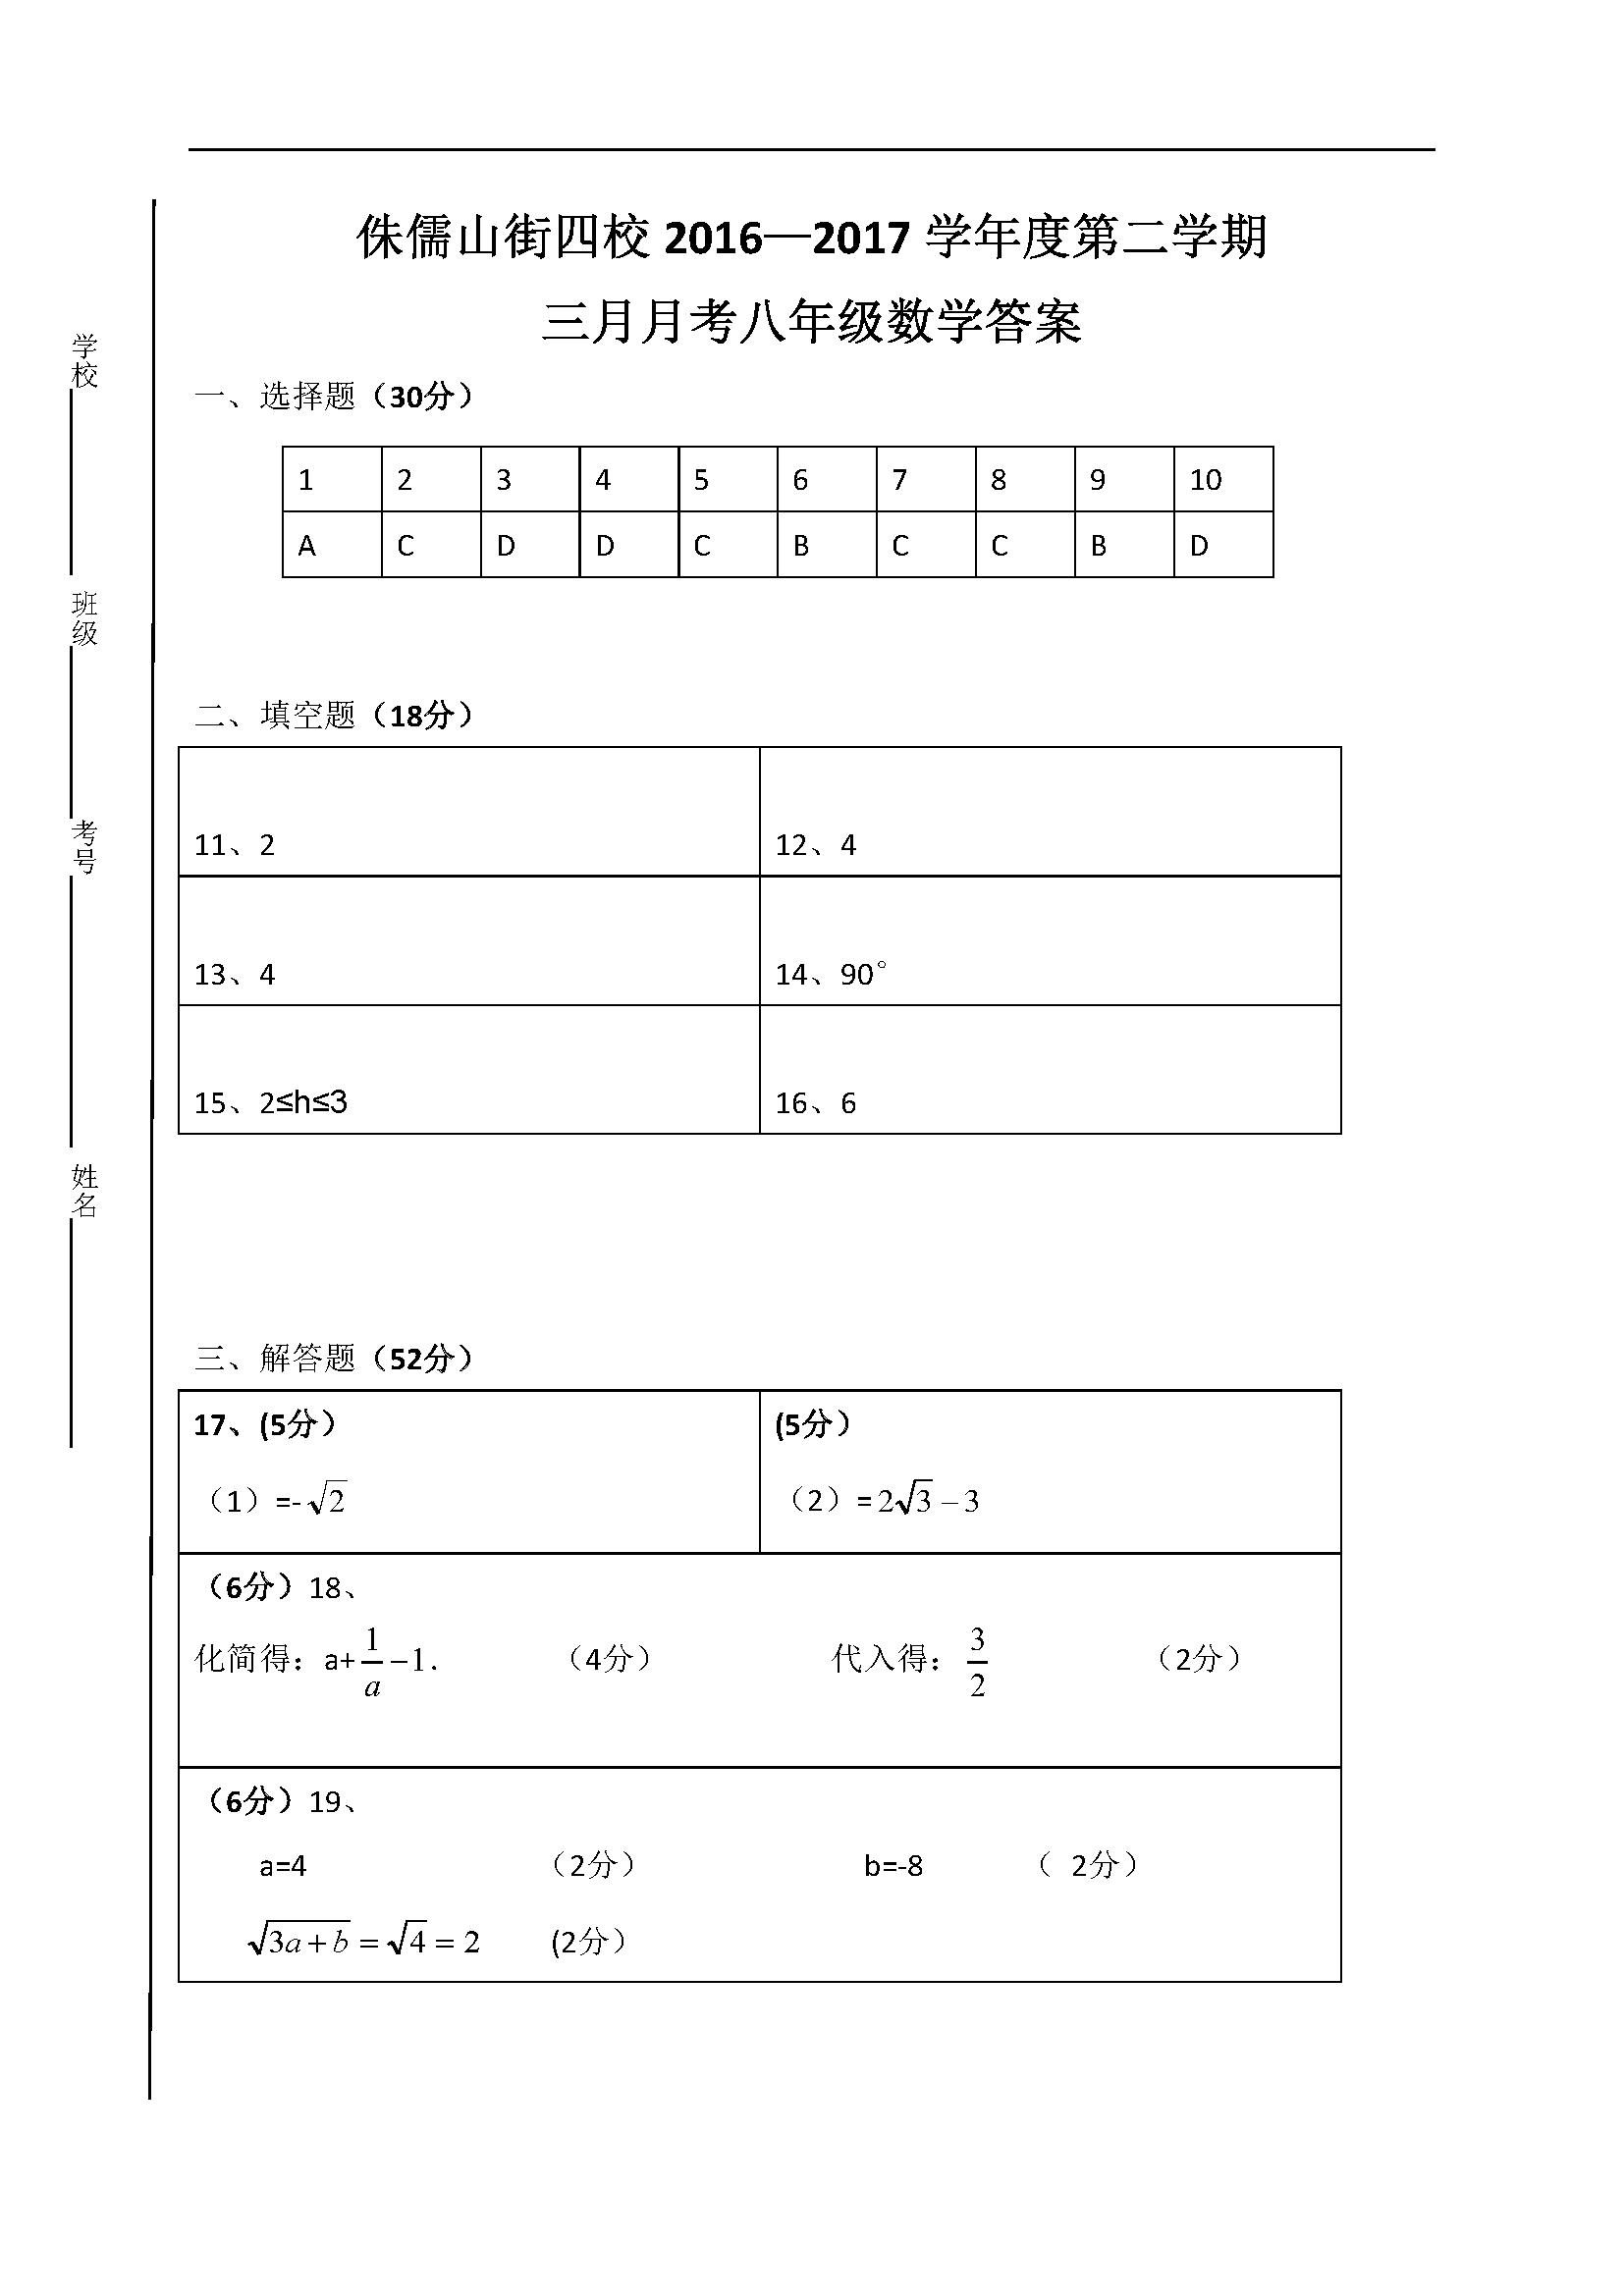 2017湖北武汉侏儒山街四校八年级3月月考数学试题答案(图片版)